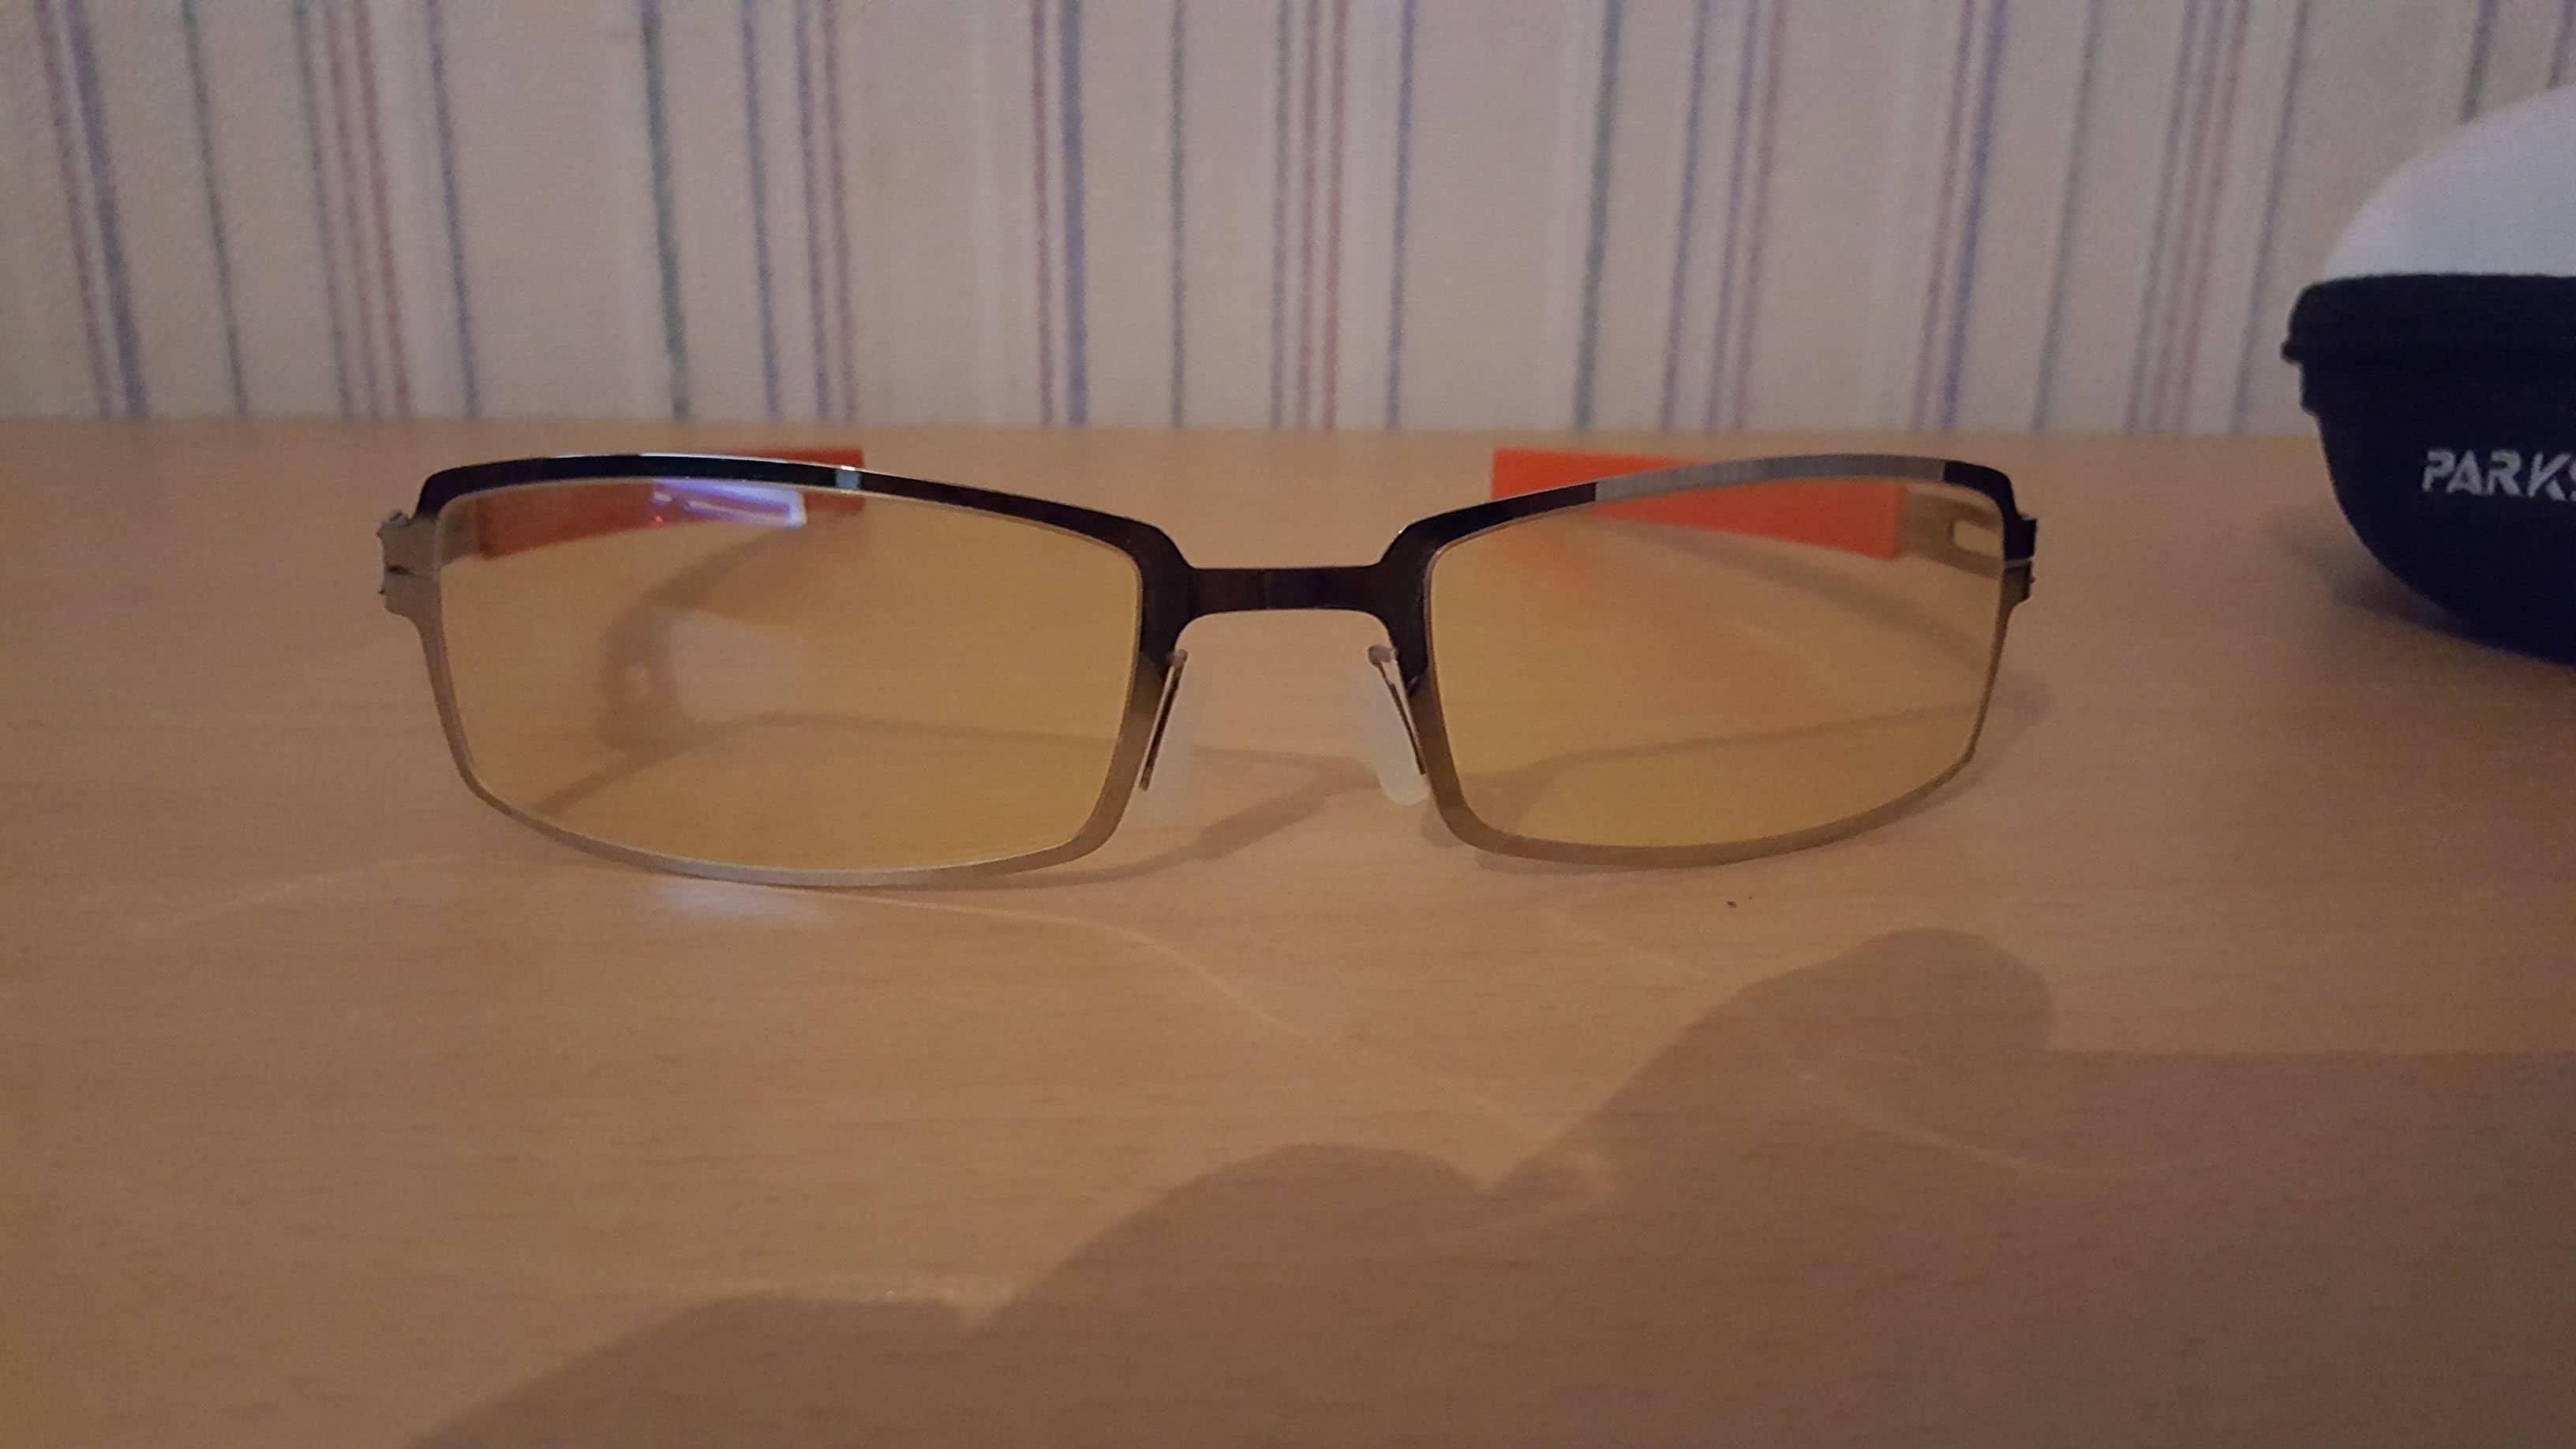 318d0e5796b4ae Pour le coup, je pense que ce type de lunette est important lorsque l on  passe énormément de temps devant les écrans. Cela l est d autant plus que  l on ...